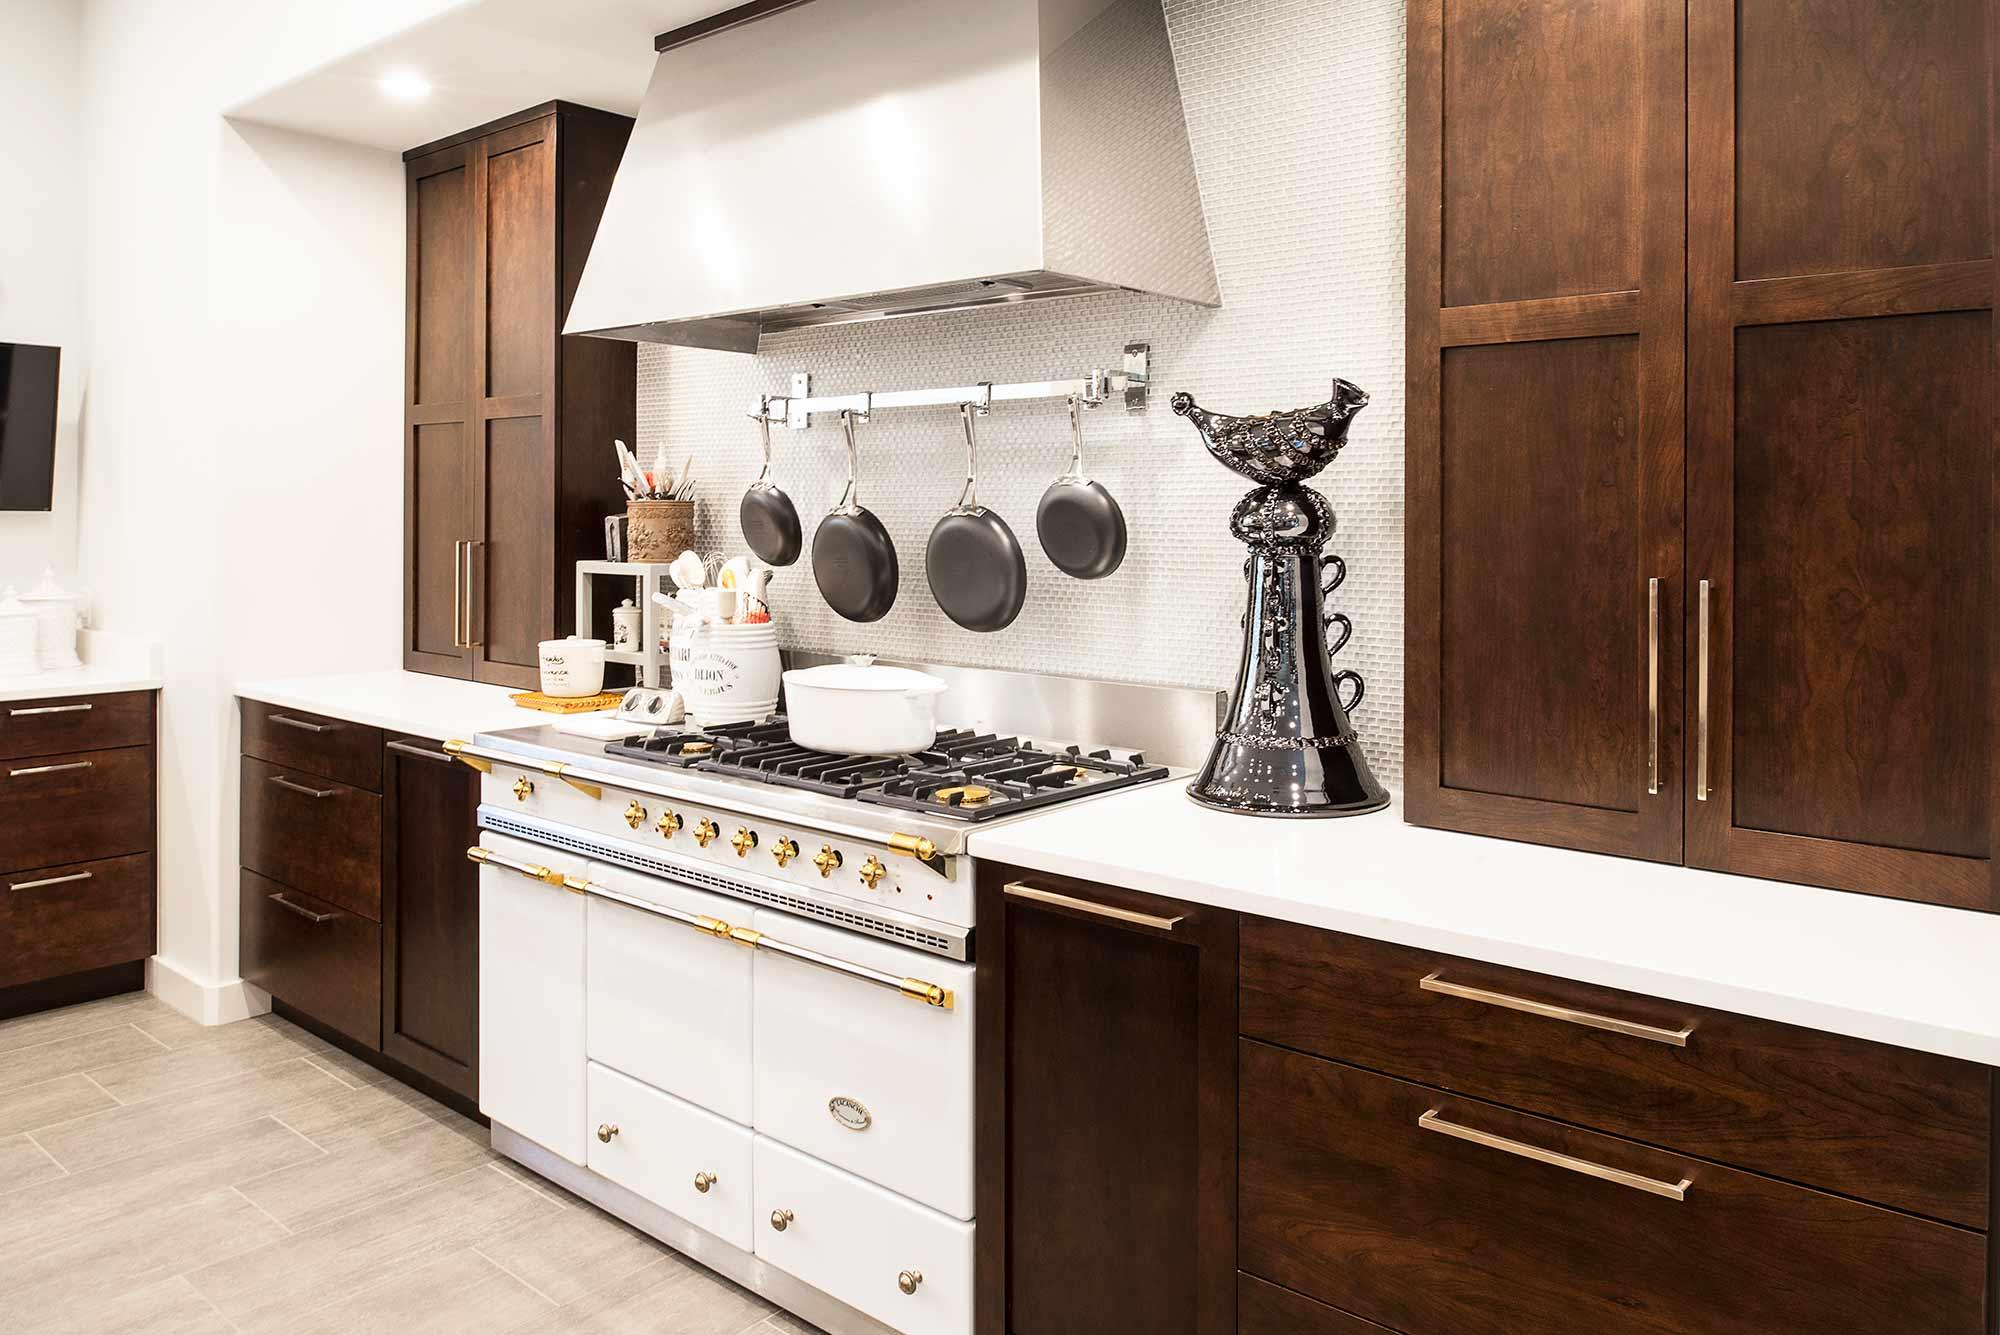 Kitchen Ideas Tulsa the new antique | kitchen ideas tulsa